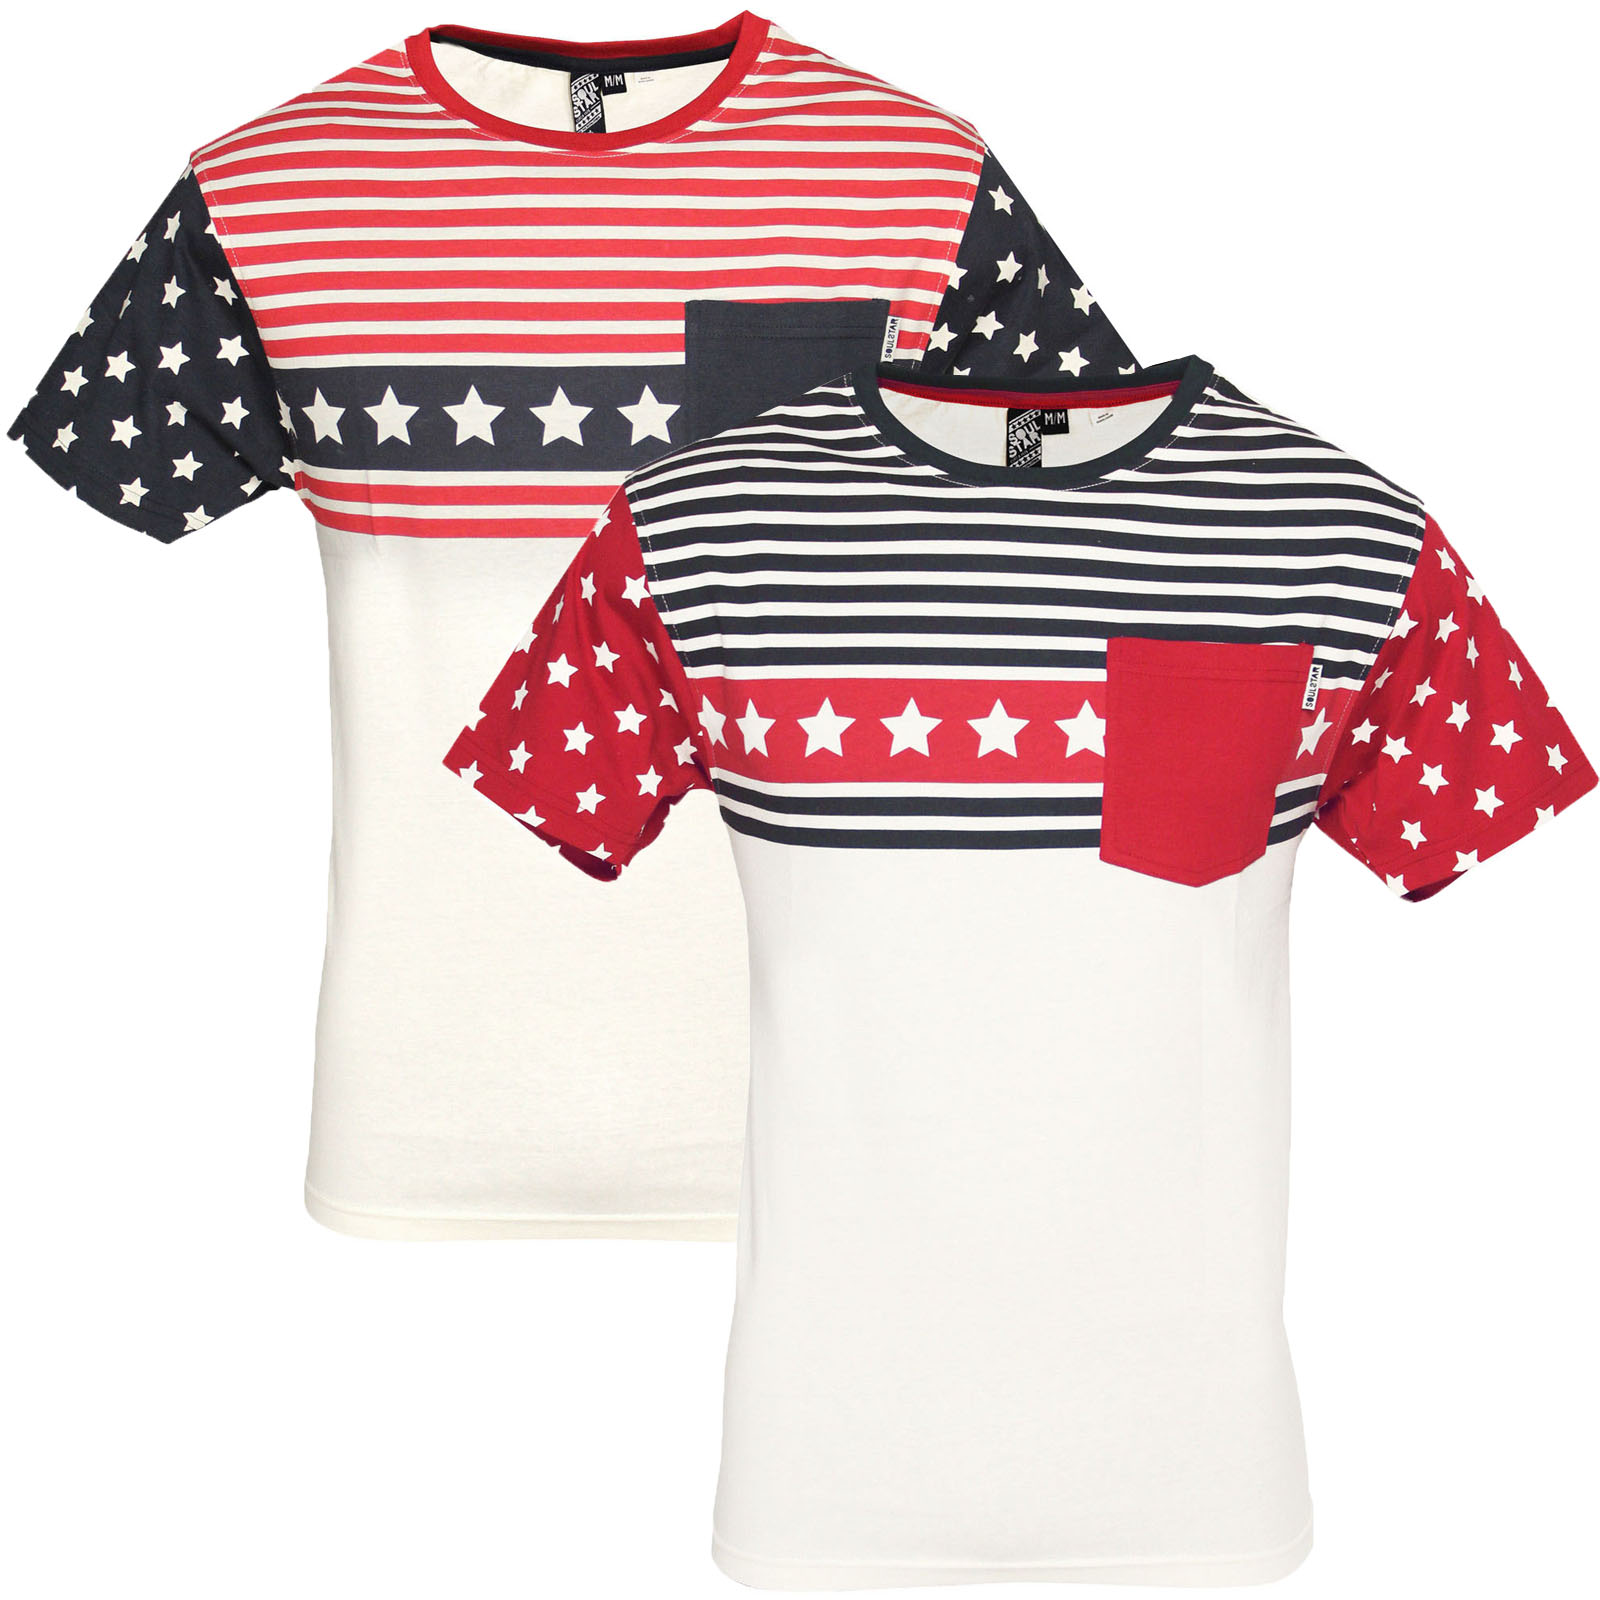 herren t shirt soulstar neu rundhals amerikanische flagge stars streifen usa ebay. Black Bedroom Furniture Sets. Home Design Ideas